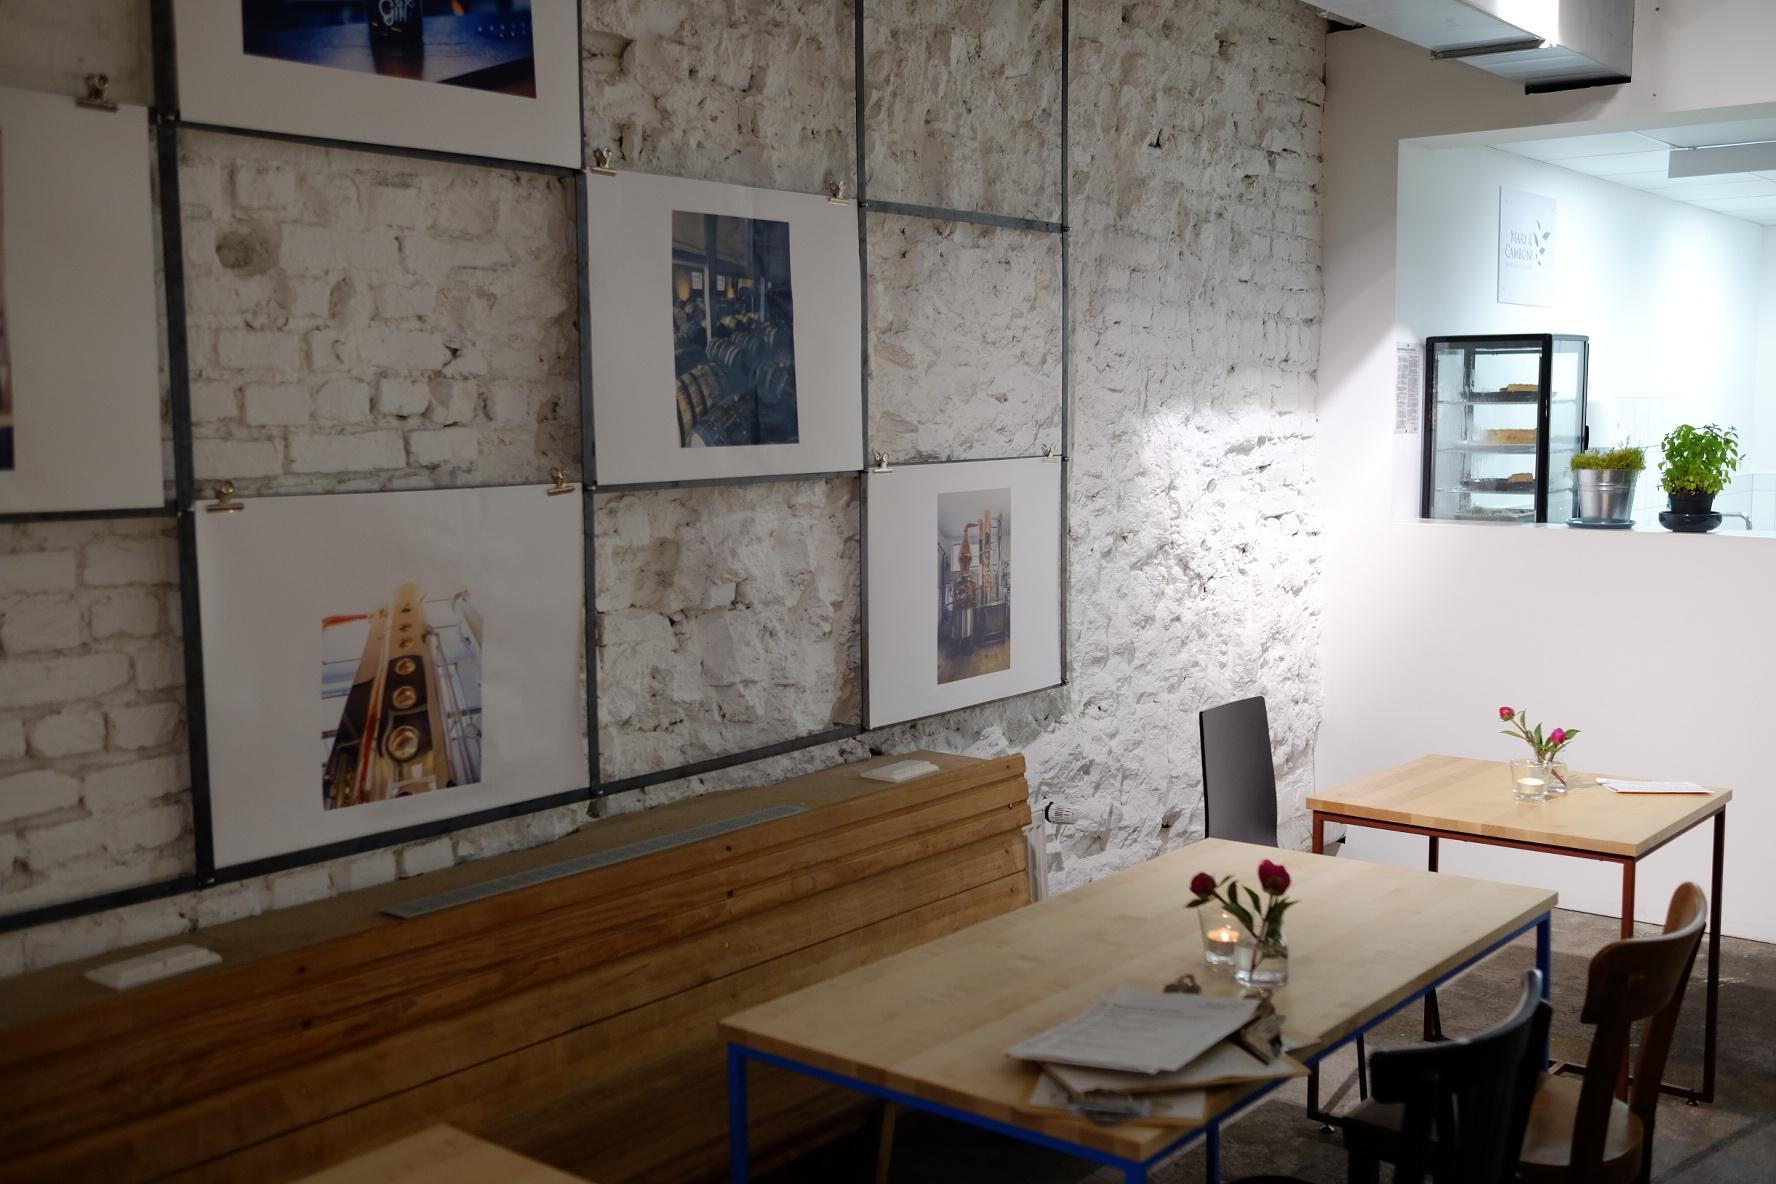 we_are_city_koeln_hyperlokal_david_heyer_fotografie_marx_und_camboni_markthalle_belgisches_viertel_brüsseler_platz15.jpg